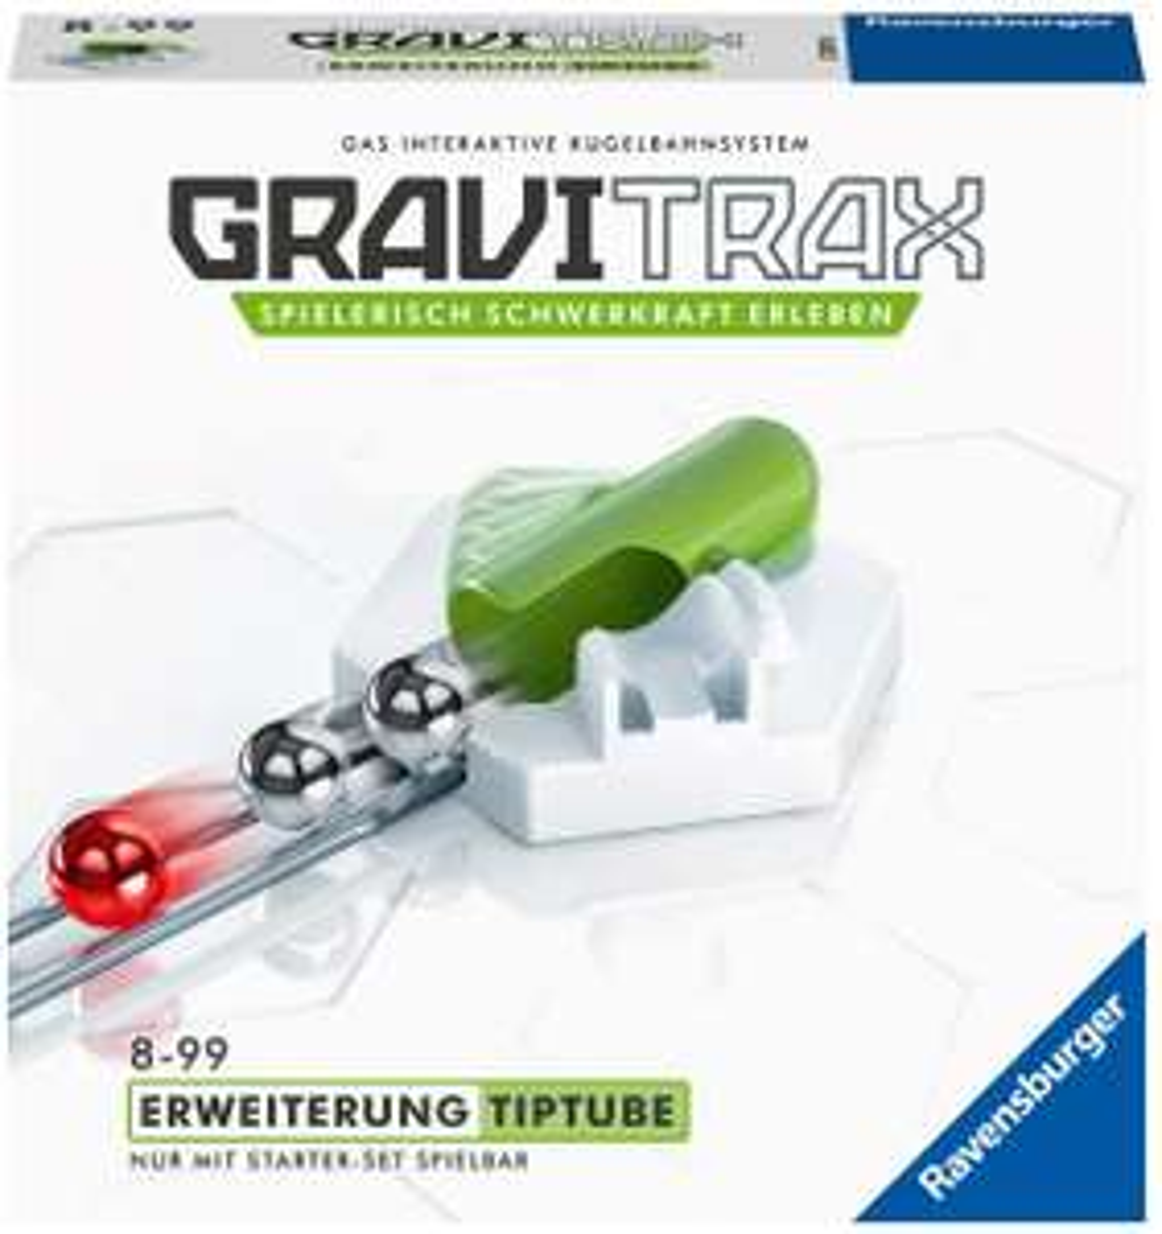 Ravensburger GraviTrax TipTube Erweiterung für 5,50€ (Saturn Abholung)